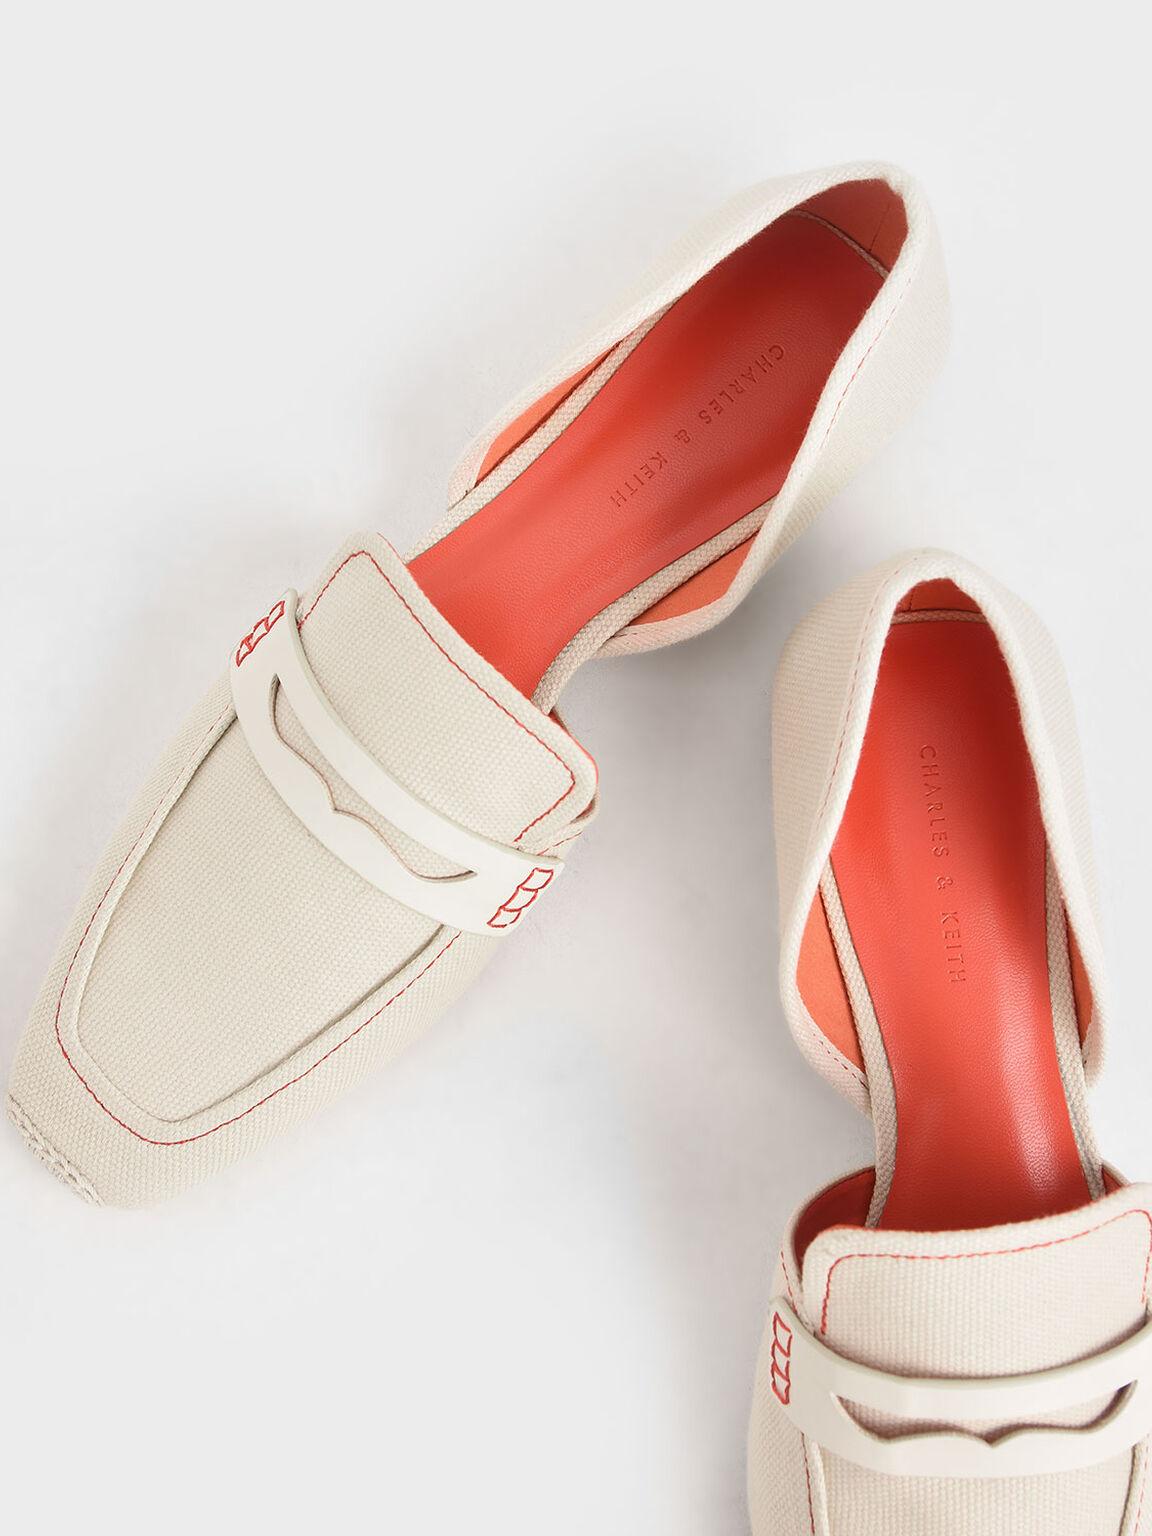 Espadrille Toe Cap Penny Loafers, Cream, hi-res